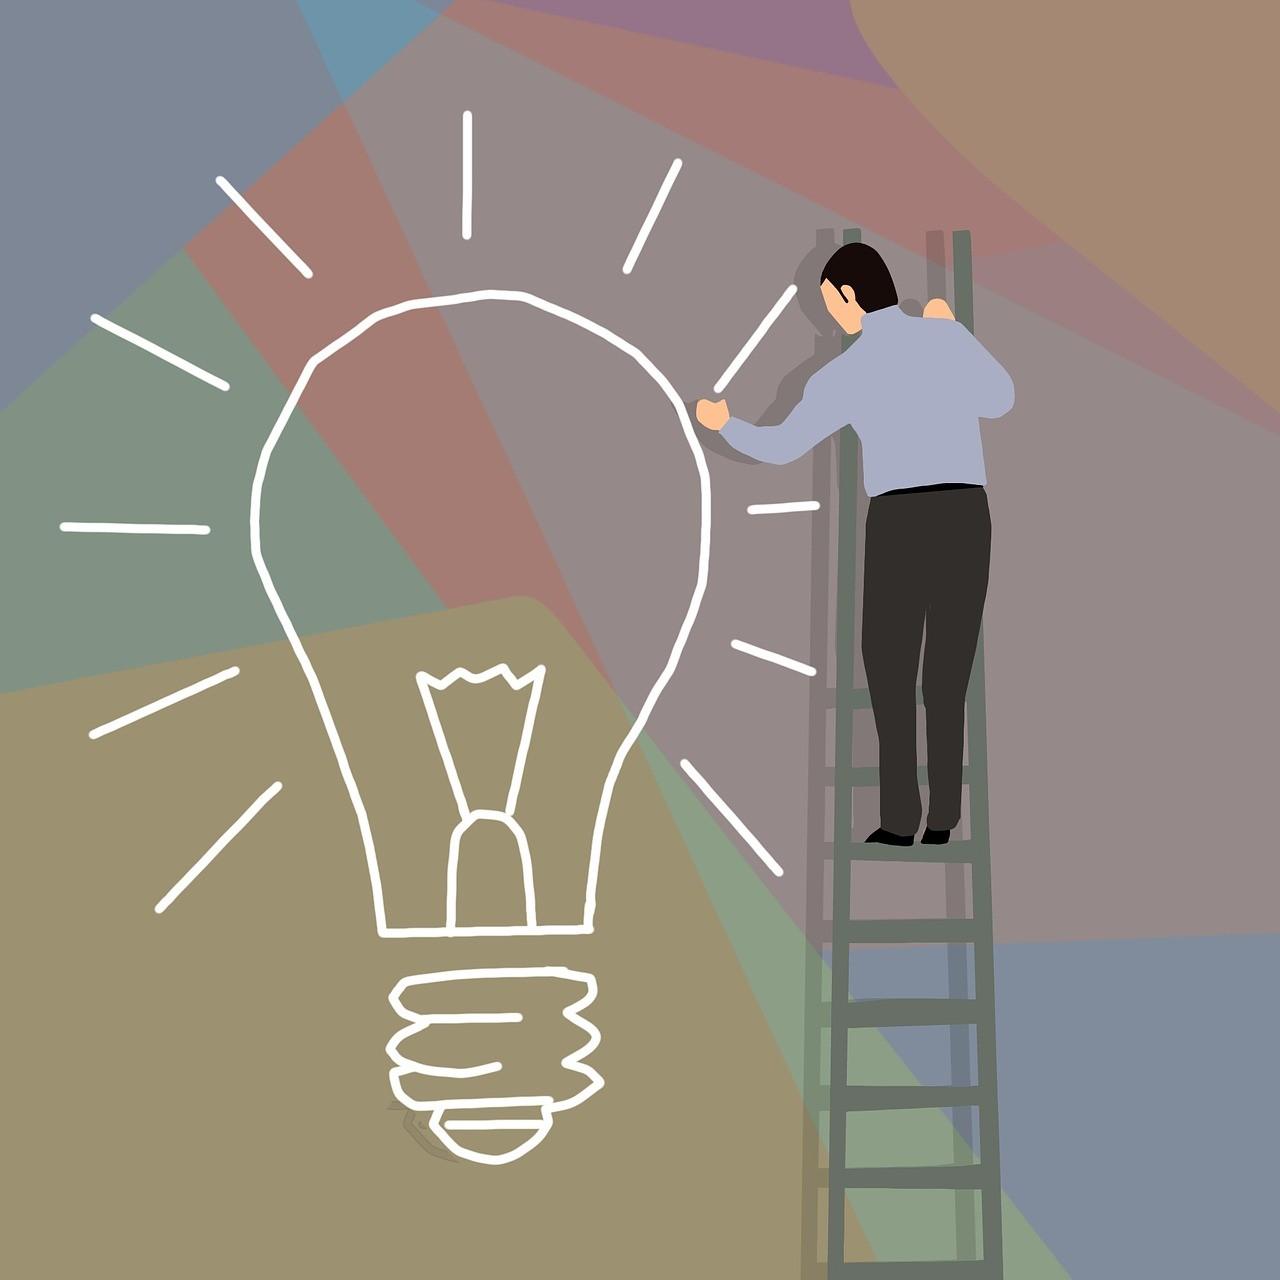 bulb-2846032_1280